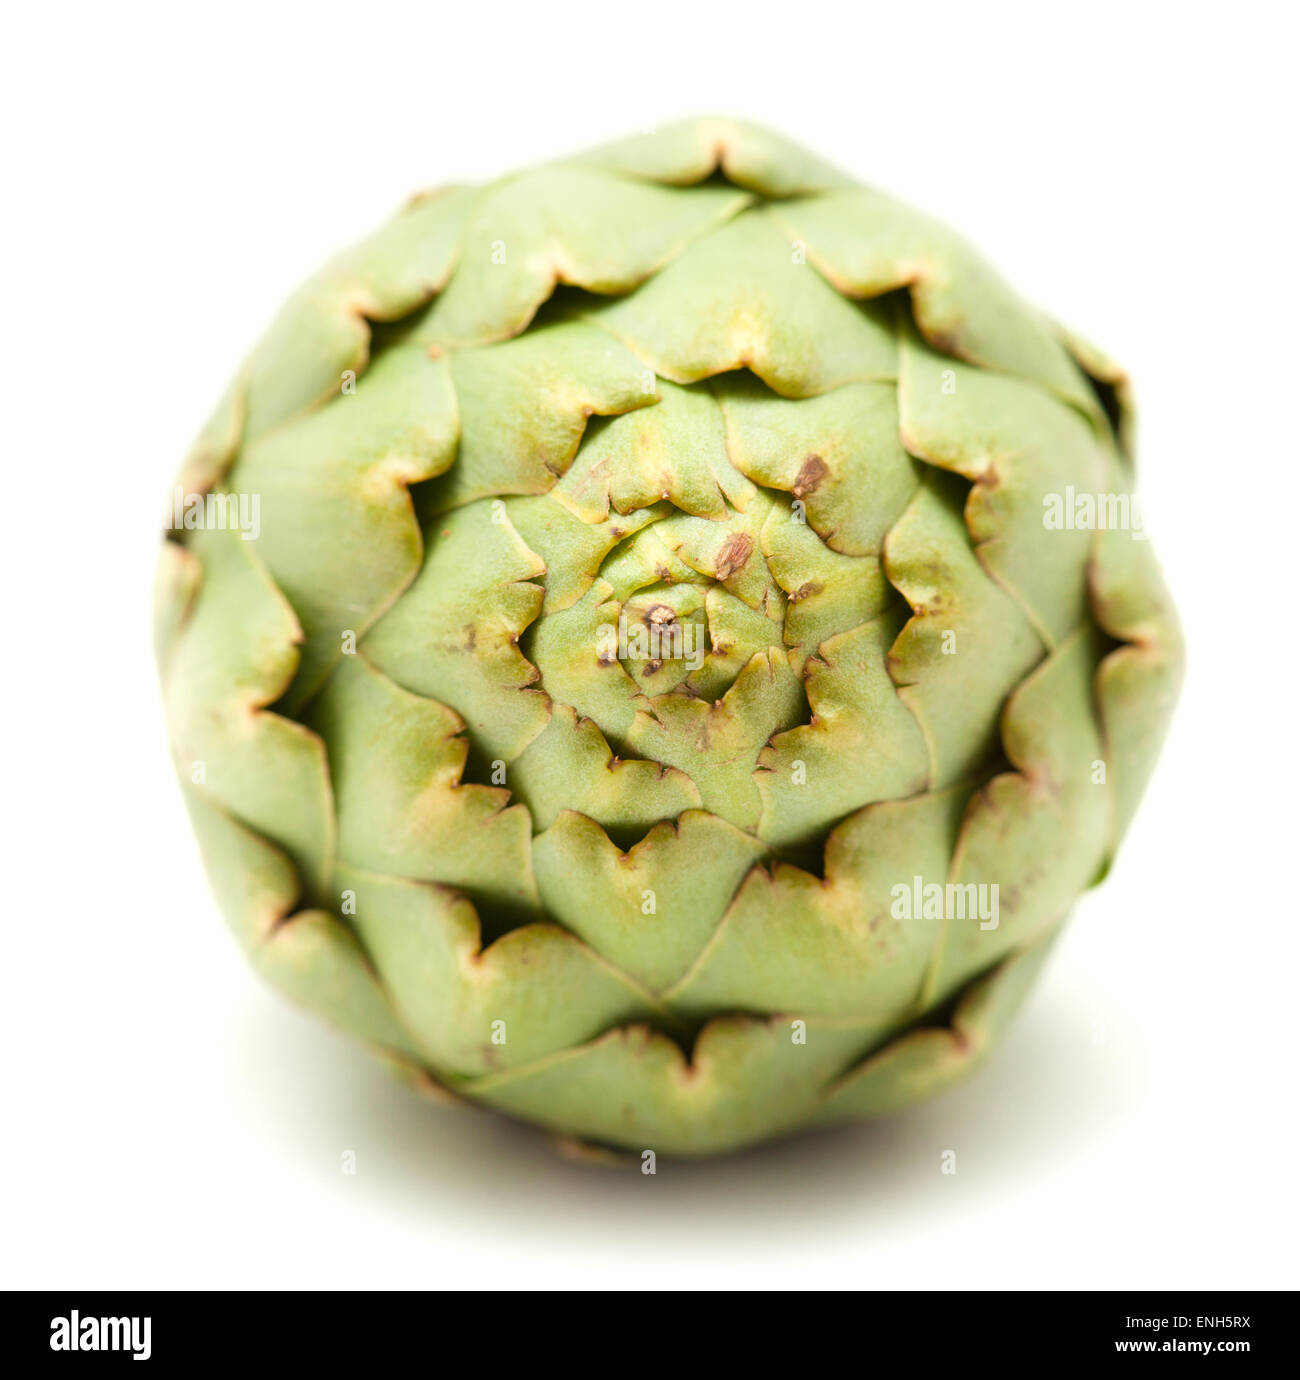 fresh globe artichoke isolated on white background - Stock Image